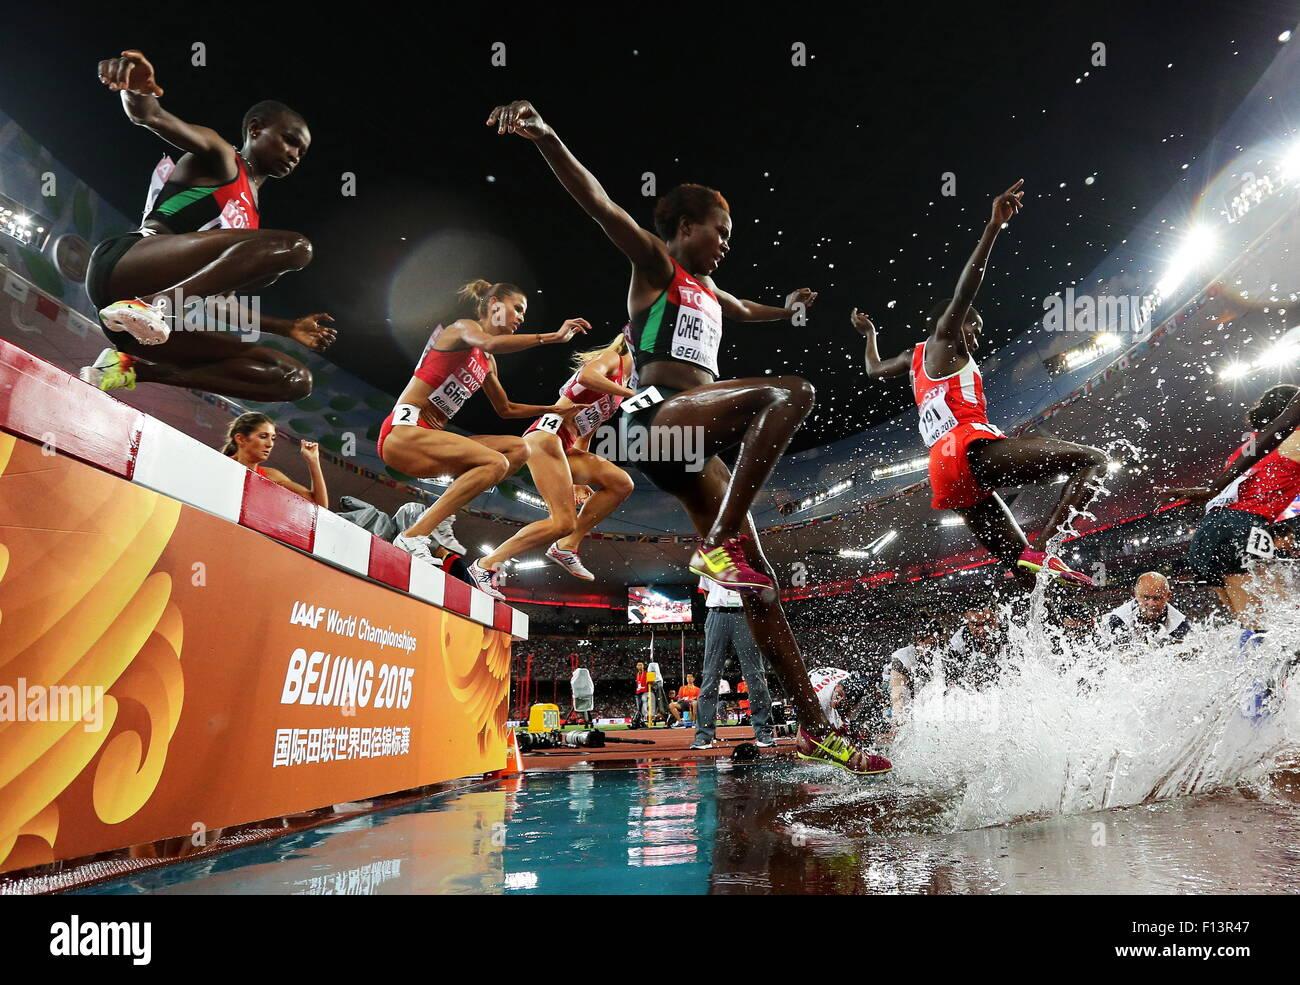 Beijing, Chine. Août 26, 2015. Les athlètes concourent dans le 3000m steeple finale le jour 5 de la 15es Photo Stock